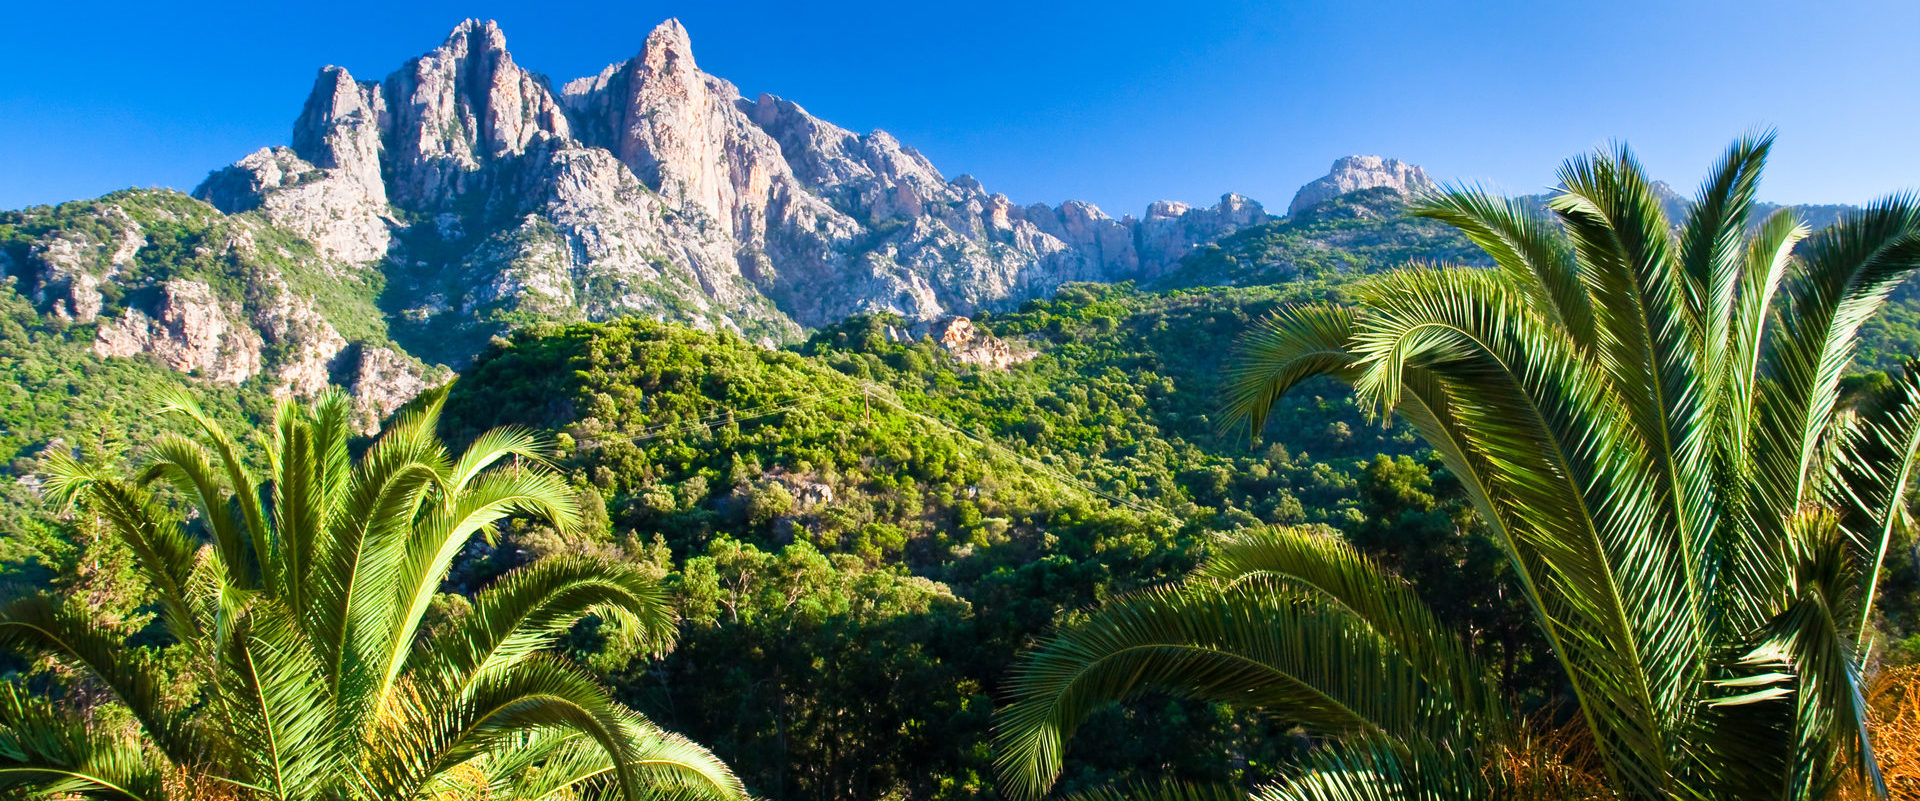 Ontdek Corsica in 2020: Verrassend dichtbij!